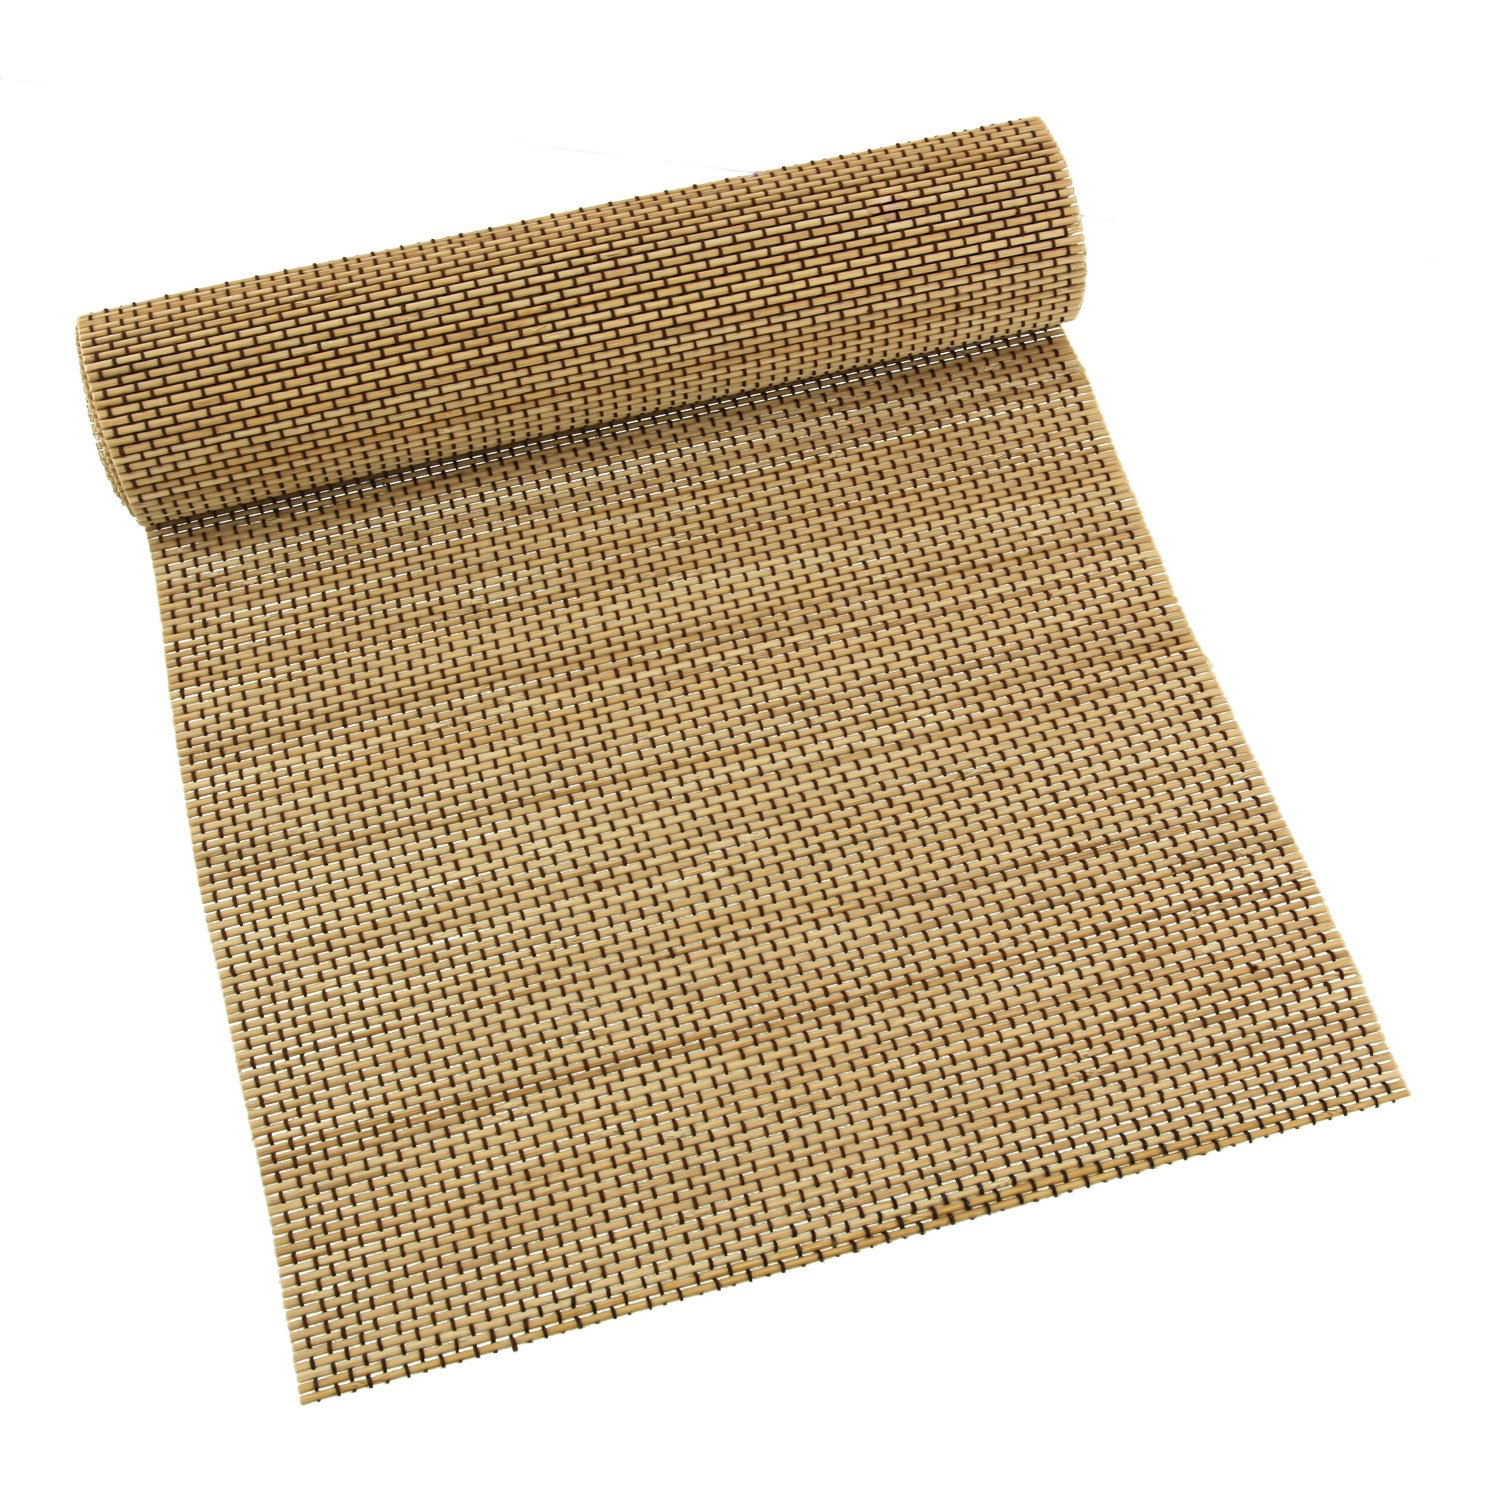 BambooMN 1x Brand String Bamboo Slat Table Runner